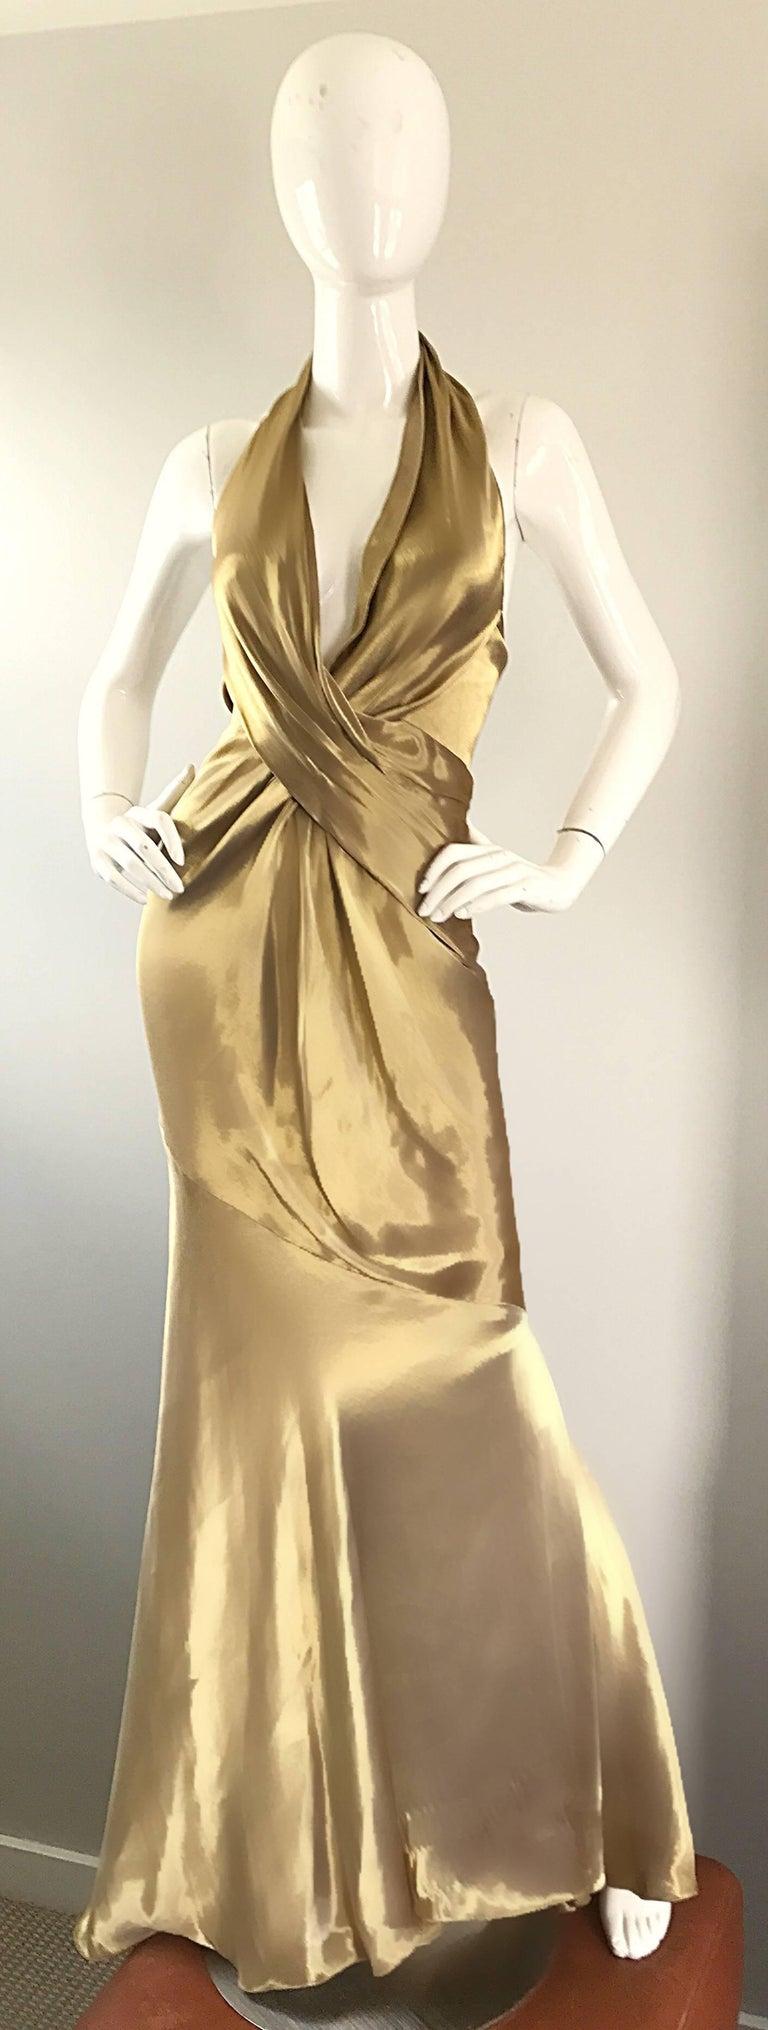 Stunning Vintage Donna Karan 1990s Liquid Gold Silk Plunging 90s Halter Gown For Sale 4